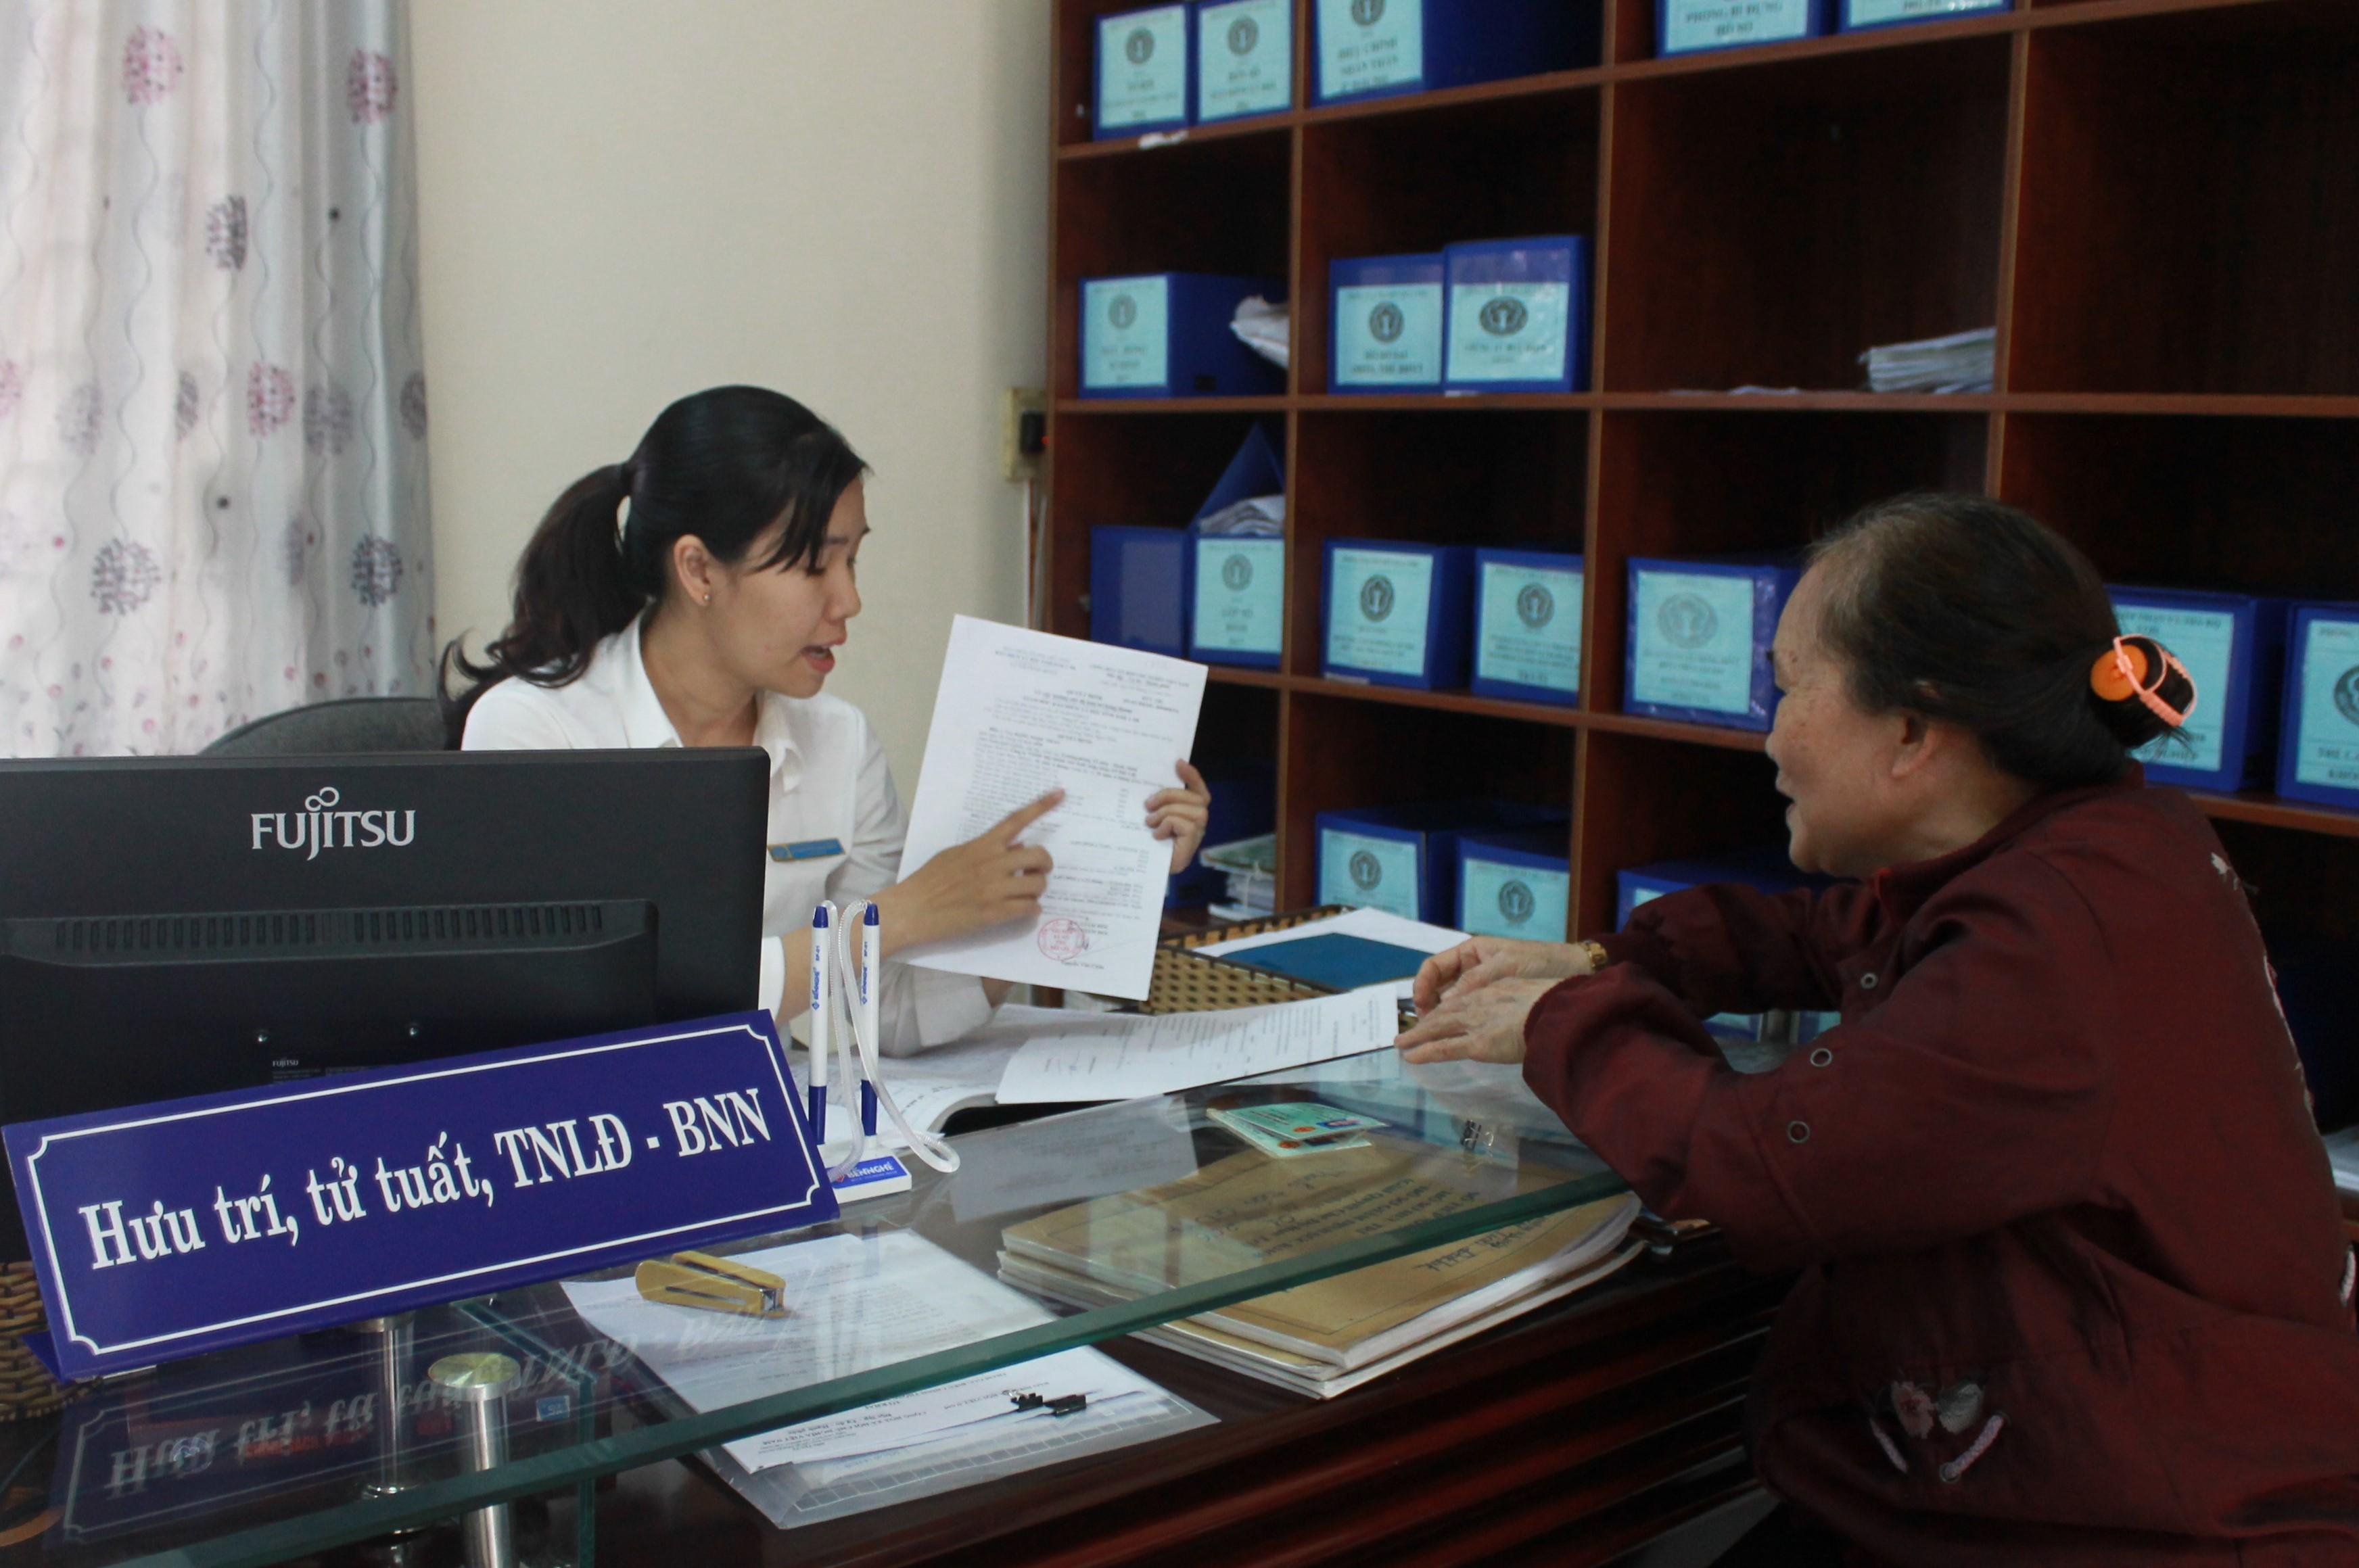 Bảo hiểm xã hội tỉnh Đắk Lắk: Khẳng định vị trí quan trọng bảo đảm an sinh xã hội trên địa bàn